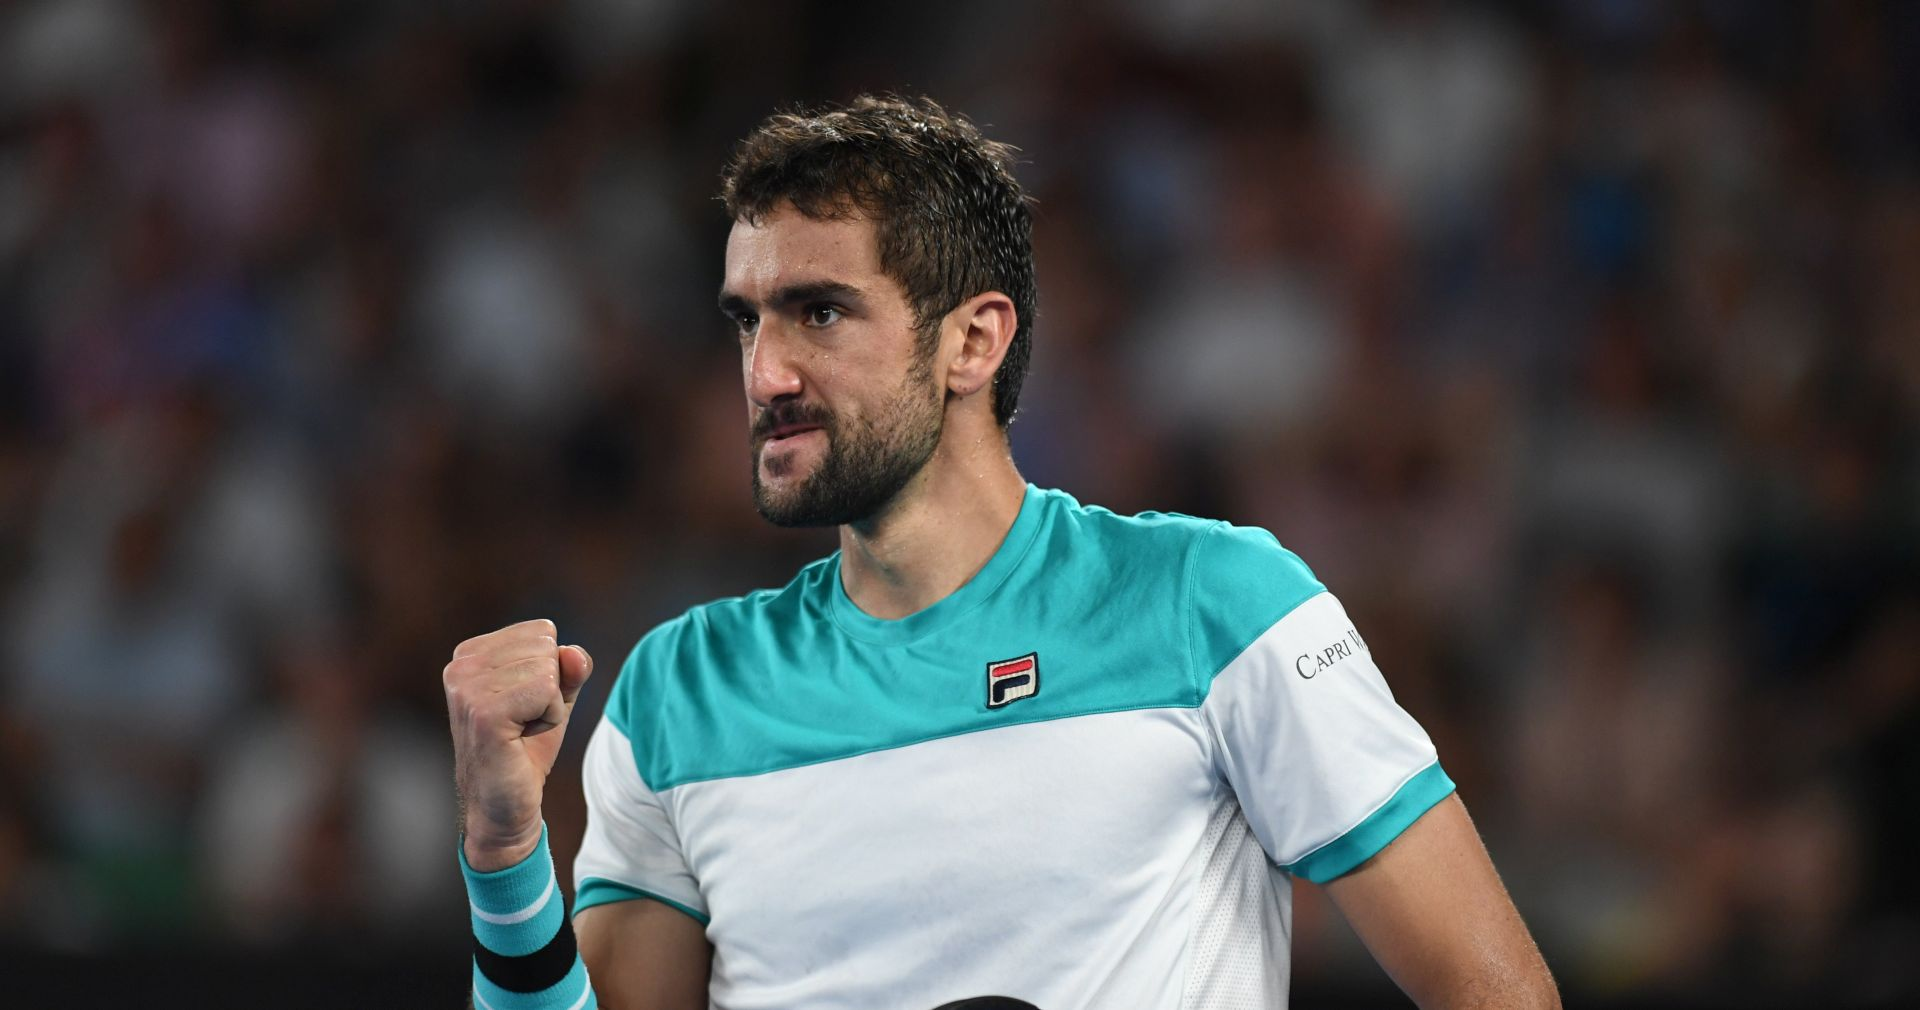 ATP: Čilić i dalje treći, Federer preuzeo vrh